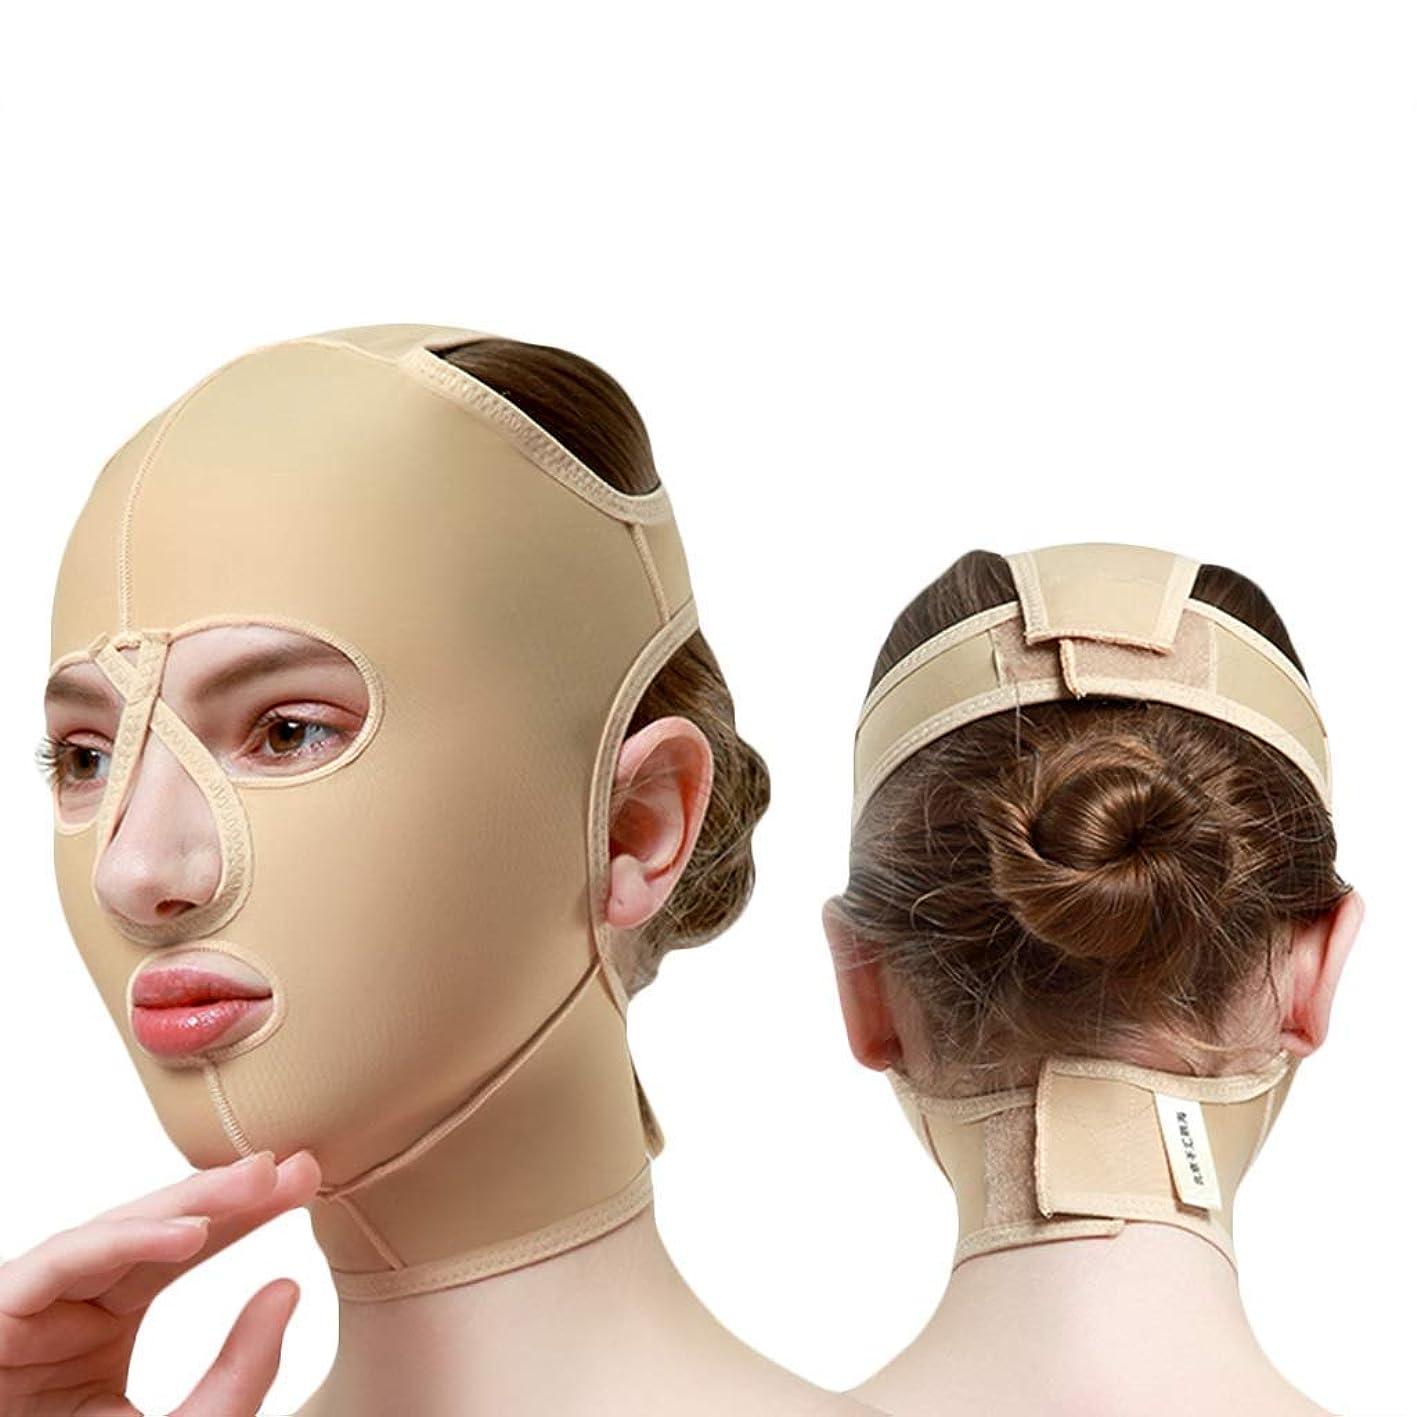 代表して酸化する羊のチンストラップ、顔彫りツール、リフティングマスク、ダブルチンリデューサー、フェイスリフティングエラスティックマスクメス(サイズ:M),M